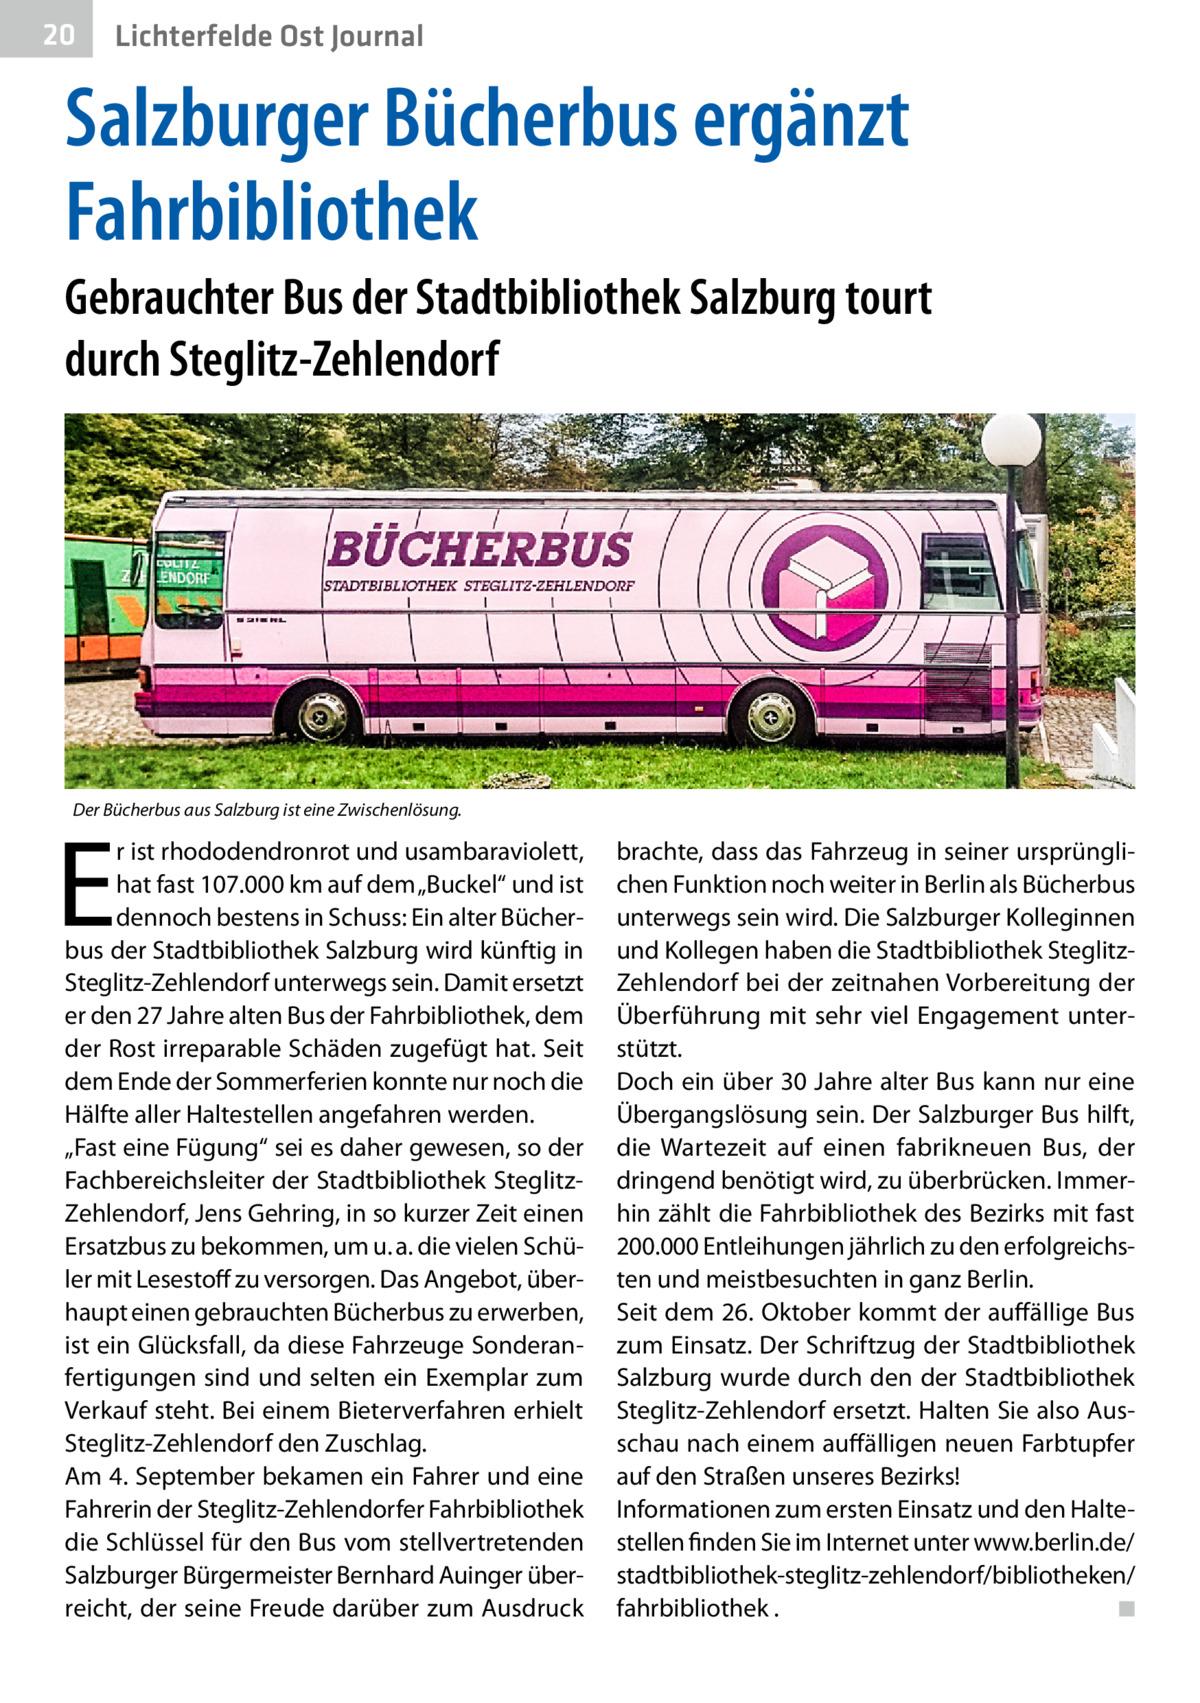 """20  Gesundheit Ost Journal Lichterfelde  Salzburger Bücherbus ergänzt Fahrbibliothek Gebrauchter Bus der Stadtbibliothek Salzburg tourt durch Steglitz-Zehlendorf  Der Bücherbus aus Salzburg ist eine Zwischenlösung.  E  r ist rhododendronrot und usambaraviolett, hat fast 107.000km auf dem """"Buckel"""" und ist dennoch bestens in Schuss: Ein alter Bücherbus der Stadtbibliothek Salzburg wird künftig in Steglitz-Zehlendorf unterwegs sein. Damit ersetzt er den 27Jahre alten Bus der Fahrbibliothek, dem der Rost irreparable Schäden zugefügt hat. Seit dem Ende der Sommerferien konnte nur noch die Hälfte aller Haltestellen angefahren werden. """"Fast eine Fügung"""" sei es daher gewesen, so der Fachbereichsleiter der Stadtbibliothek SteglitzZehlendorf, Jens Gehring, in so kurzer Zeit einen Ersatzbus zu bekommen, um u.a. die vielen Schüler mit Lesestoff zu versorgen. Das Angebot, überhaupt einen gebrauchten Bücherbus zu erwerben, ist ein Glücksfall, da diese Fahrzeuge Sonderanfertigungen sind und selten ein Exemplar zum Verkauf steht. Bei einem Bieterverfahren erhielt Steglitz-Zehlendorf den Zuschlag. Am 4.September bekamen ein Fahrer und eine Fahrerin der Steglitz-Zehlendorfer Fahrbibliothek die Schlüssel für den Bus vom stellvertretenden Salzburger Bürgermeister Bernhard Auinger überreicht, der seine Freude darüber zum Ausdruck  brachte, dass das Fahrzeug in seiner ursprünglichen Funktion noch weiter in Berlin als Bücherbus unterwegs sein wird. Die Salzburger Kolleginnen und Kollegen haben die Stadtbibliothek SteglitzZehlendorf bei der zeitnahen Vorbereitung der Überführung mit sehr viel Engagement unterstützt. Doch ein über 30Jahre alter Bus kann nur eine Übergangslösung sein. Der Salzburger Bus hilft, die Wartezeit auf einen fabrikneuen Bus, der dringend benötigt wird, zu überbrücken. Immerhin zählt die Fahrbibliothek des Bezirks mit fast 200.000 Entleihungen jährlich zu den erfolgreichsten und meistbesuchten in ganz Berlin. Seit dem 26.Oktober kommt der auffällige Bus zum Einsatz. """